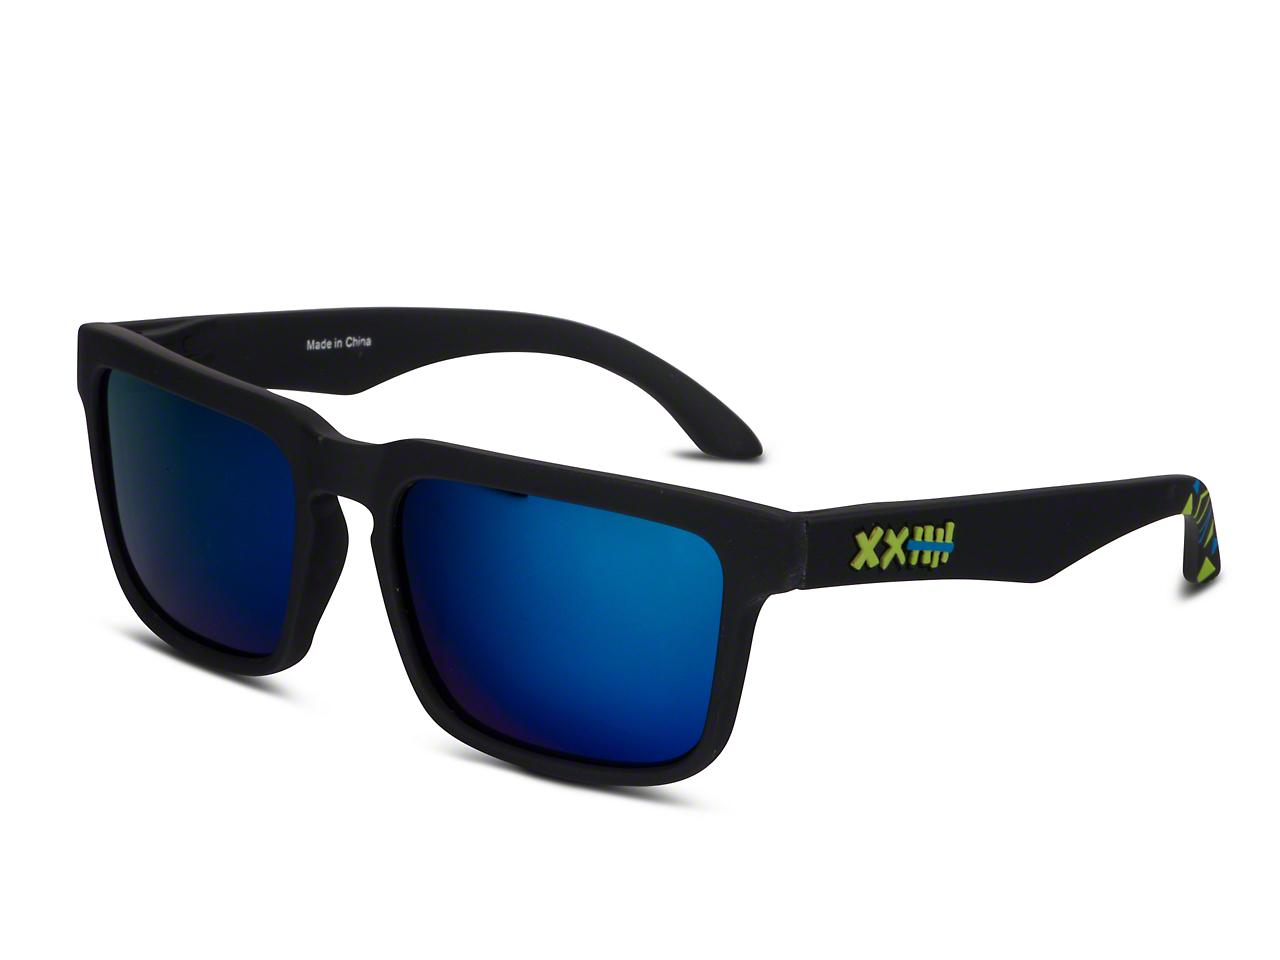 RTR VGRJ Signature Sunglasses - Black/Blue Triangles